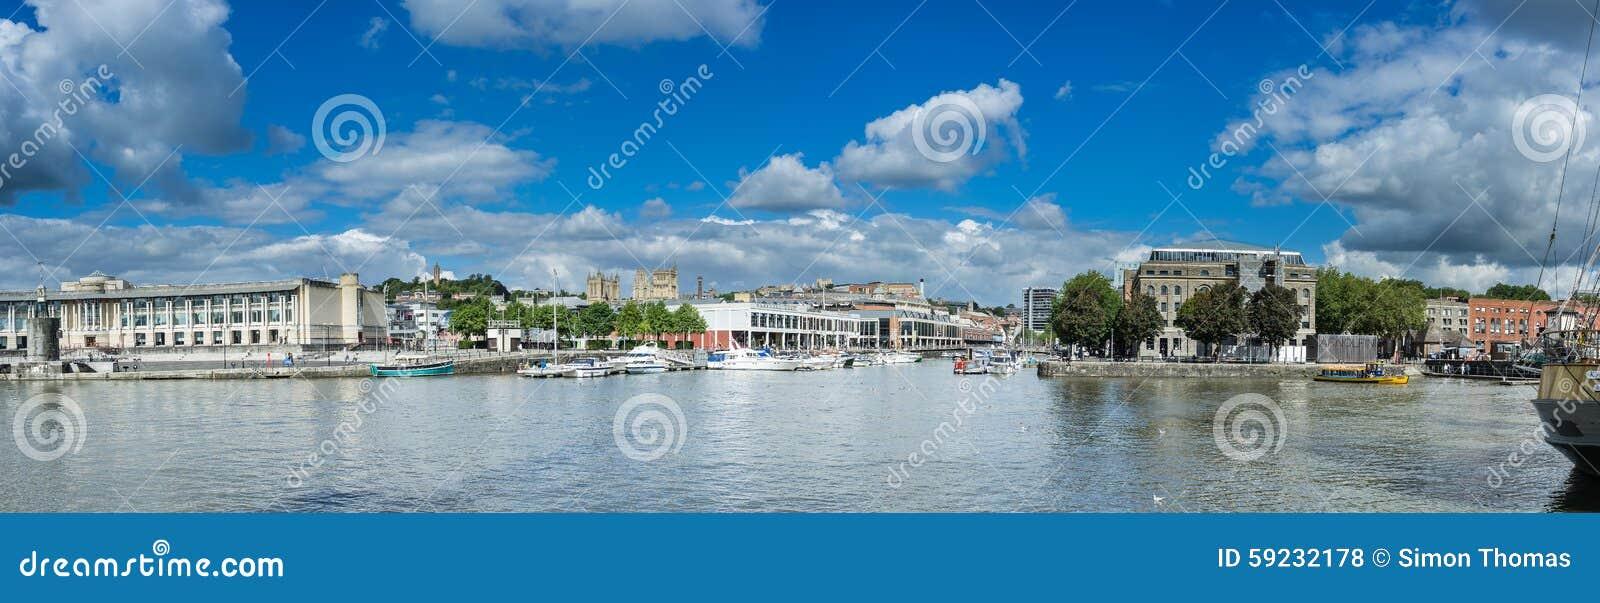 Bristol Docks (2)